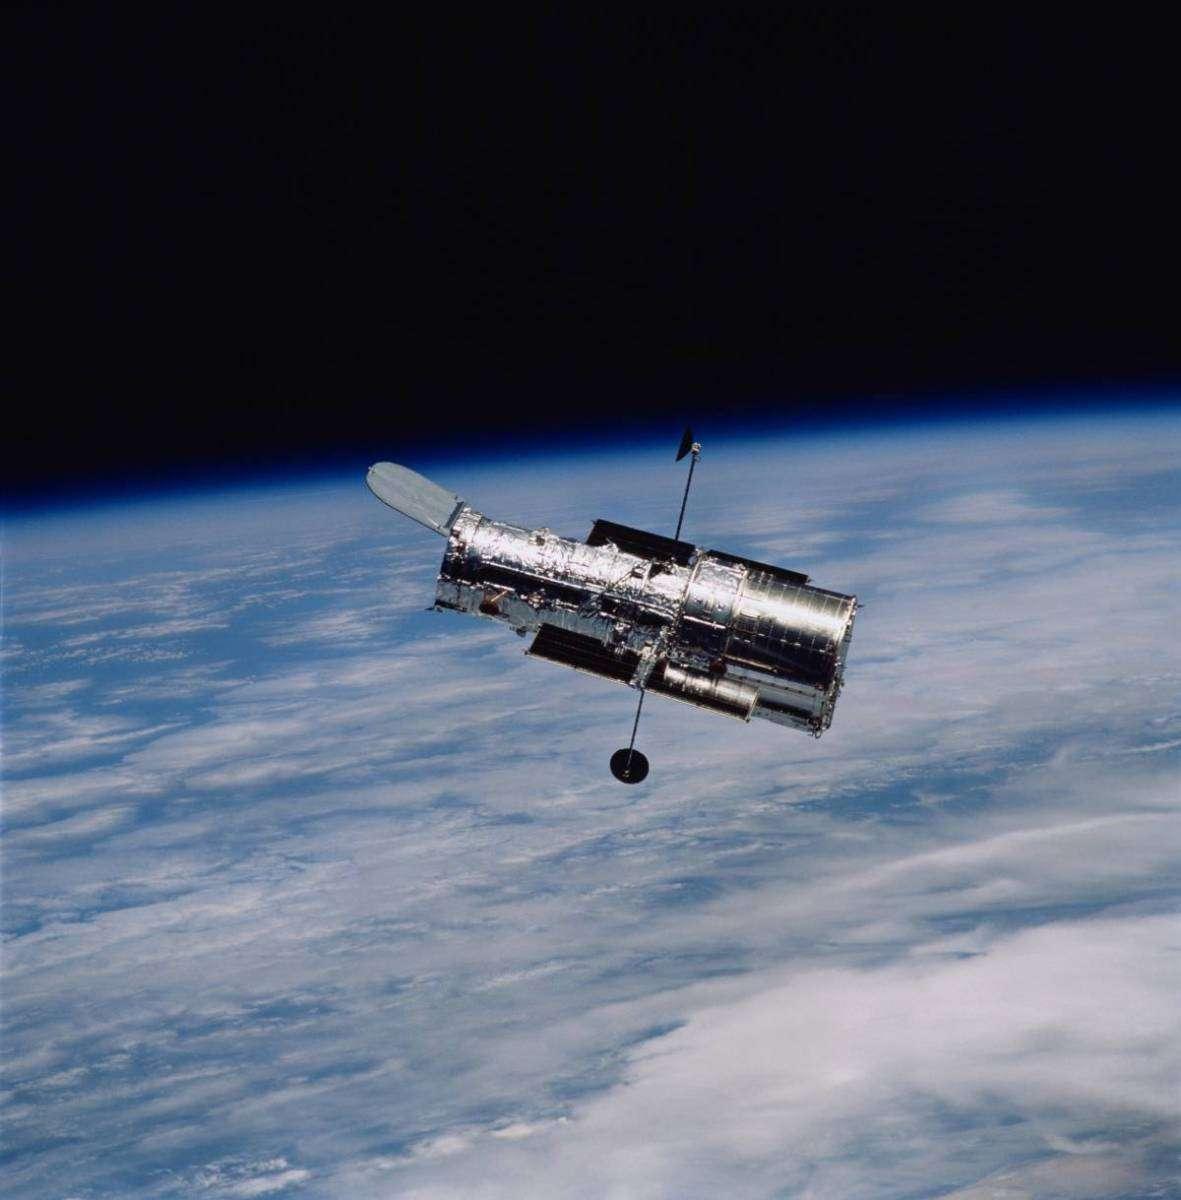 Уже 30 років поспіль телескоп Габбл передає неймовірні зображення сусідніх галактик